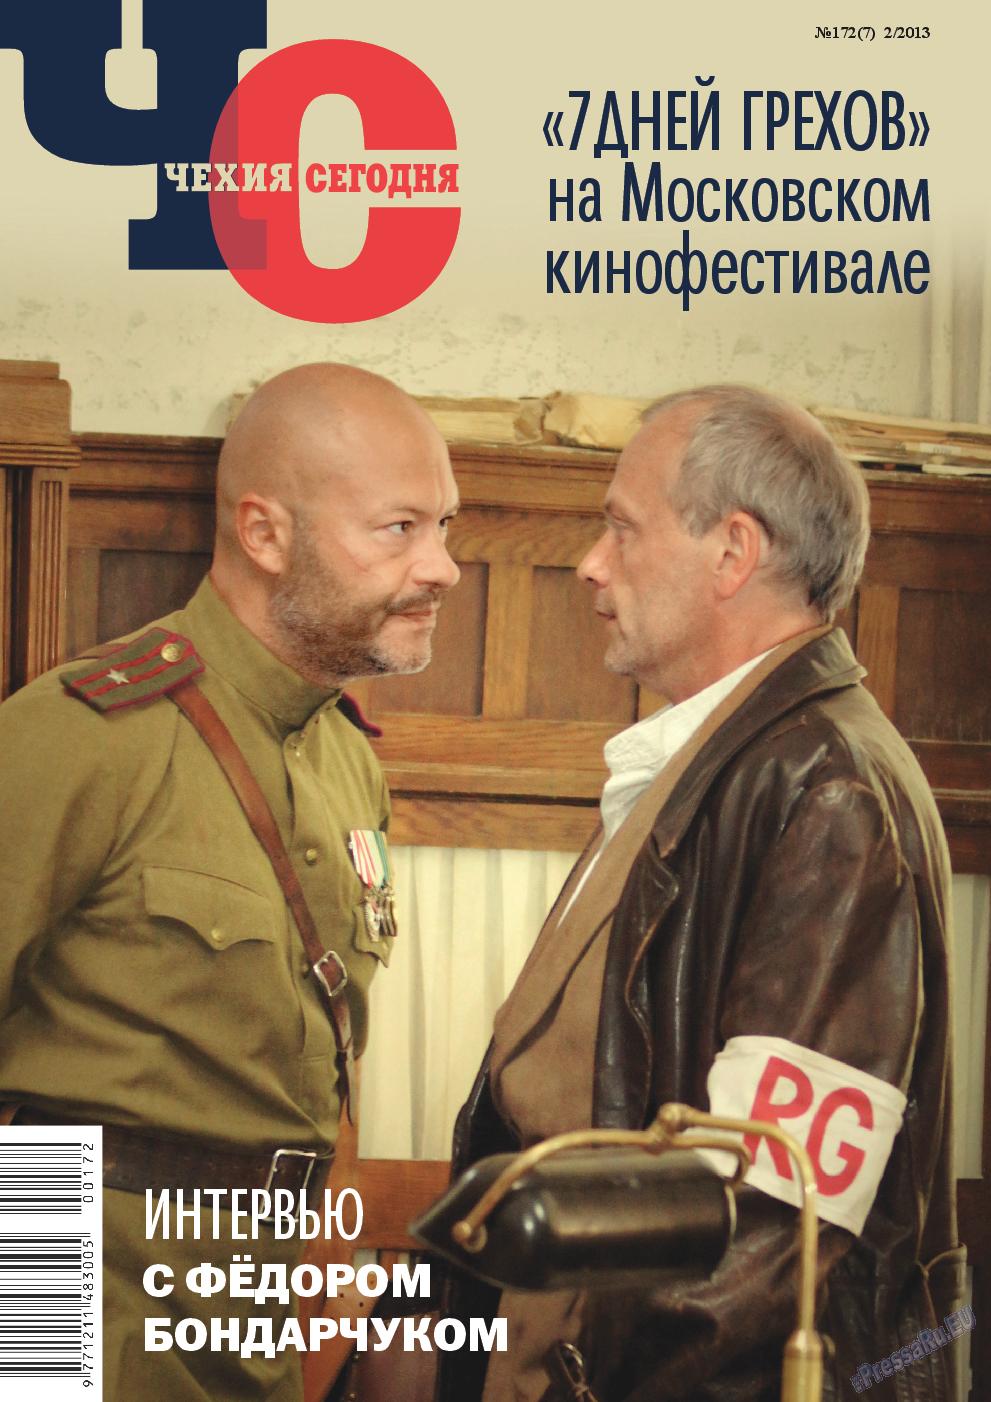 Чехия сегодня (журнал). 2013 год, номер 172, стр. 1